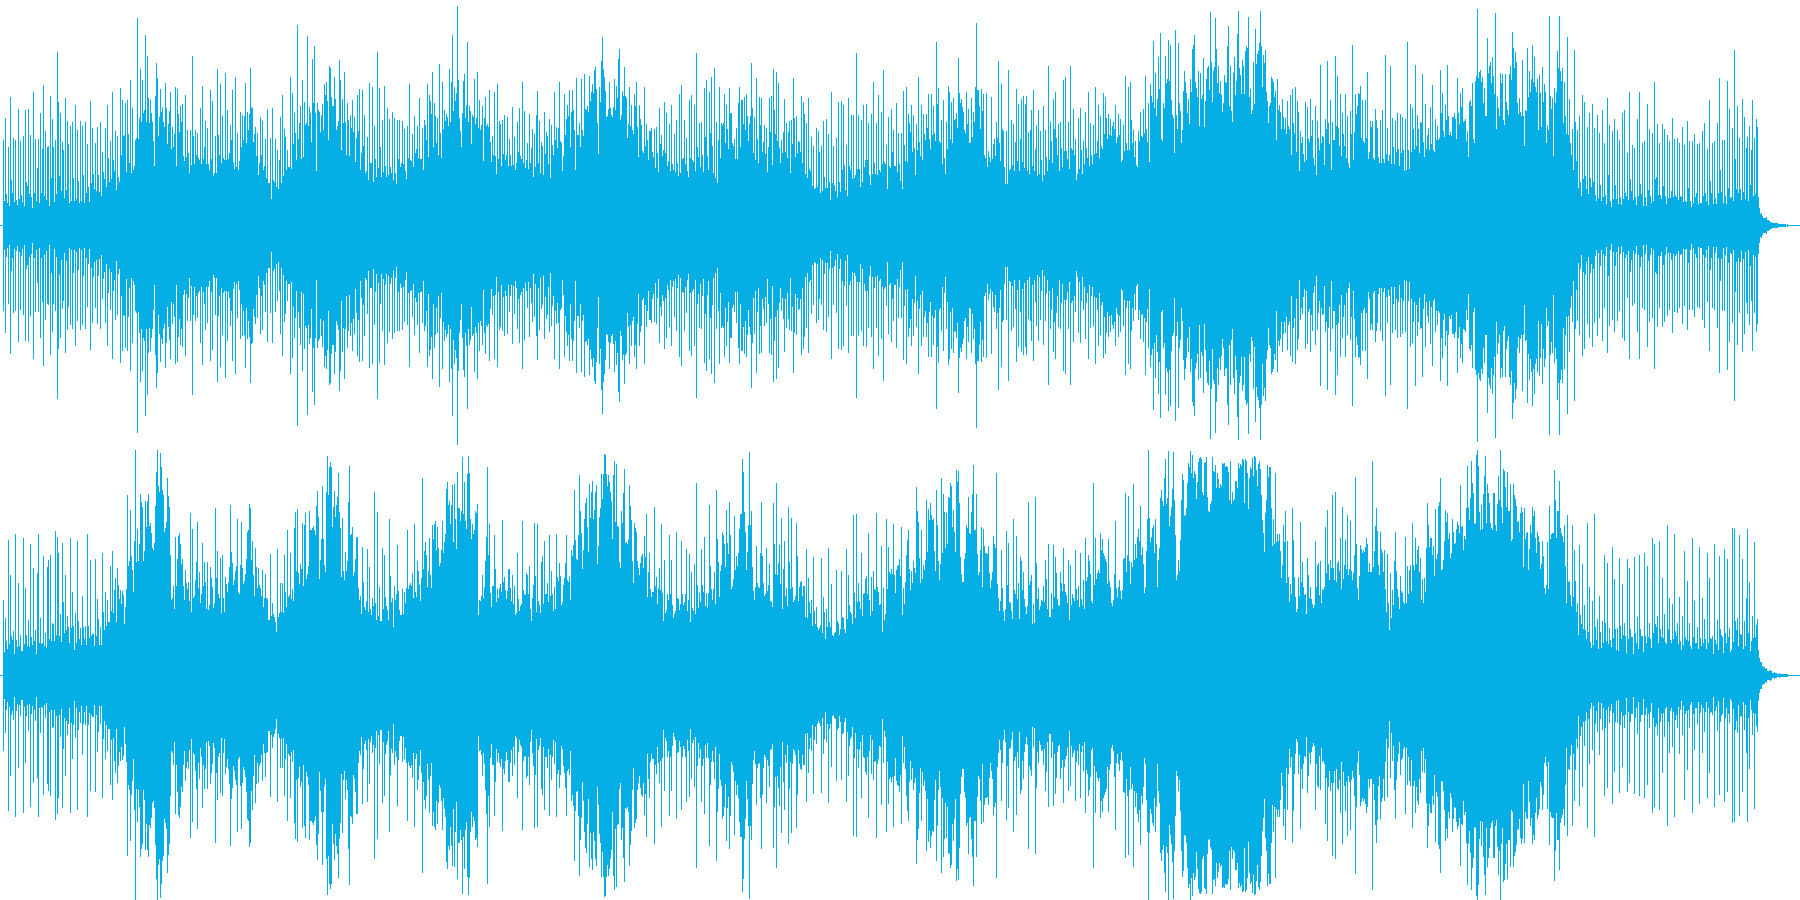 幻想的なBGMの再生済みの波形